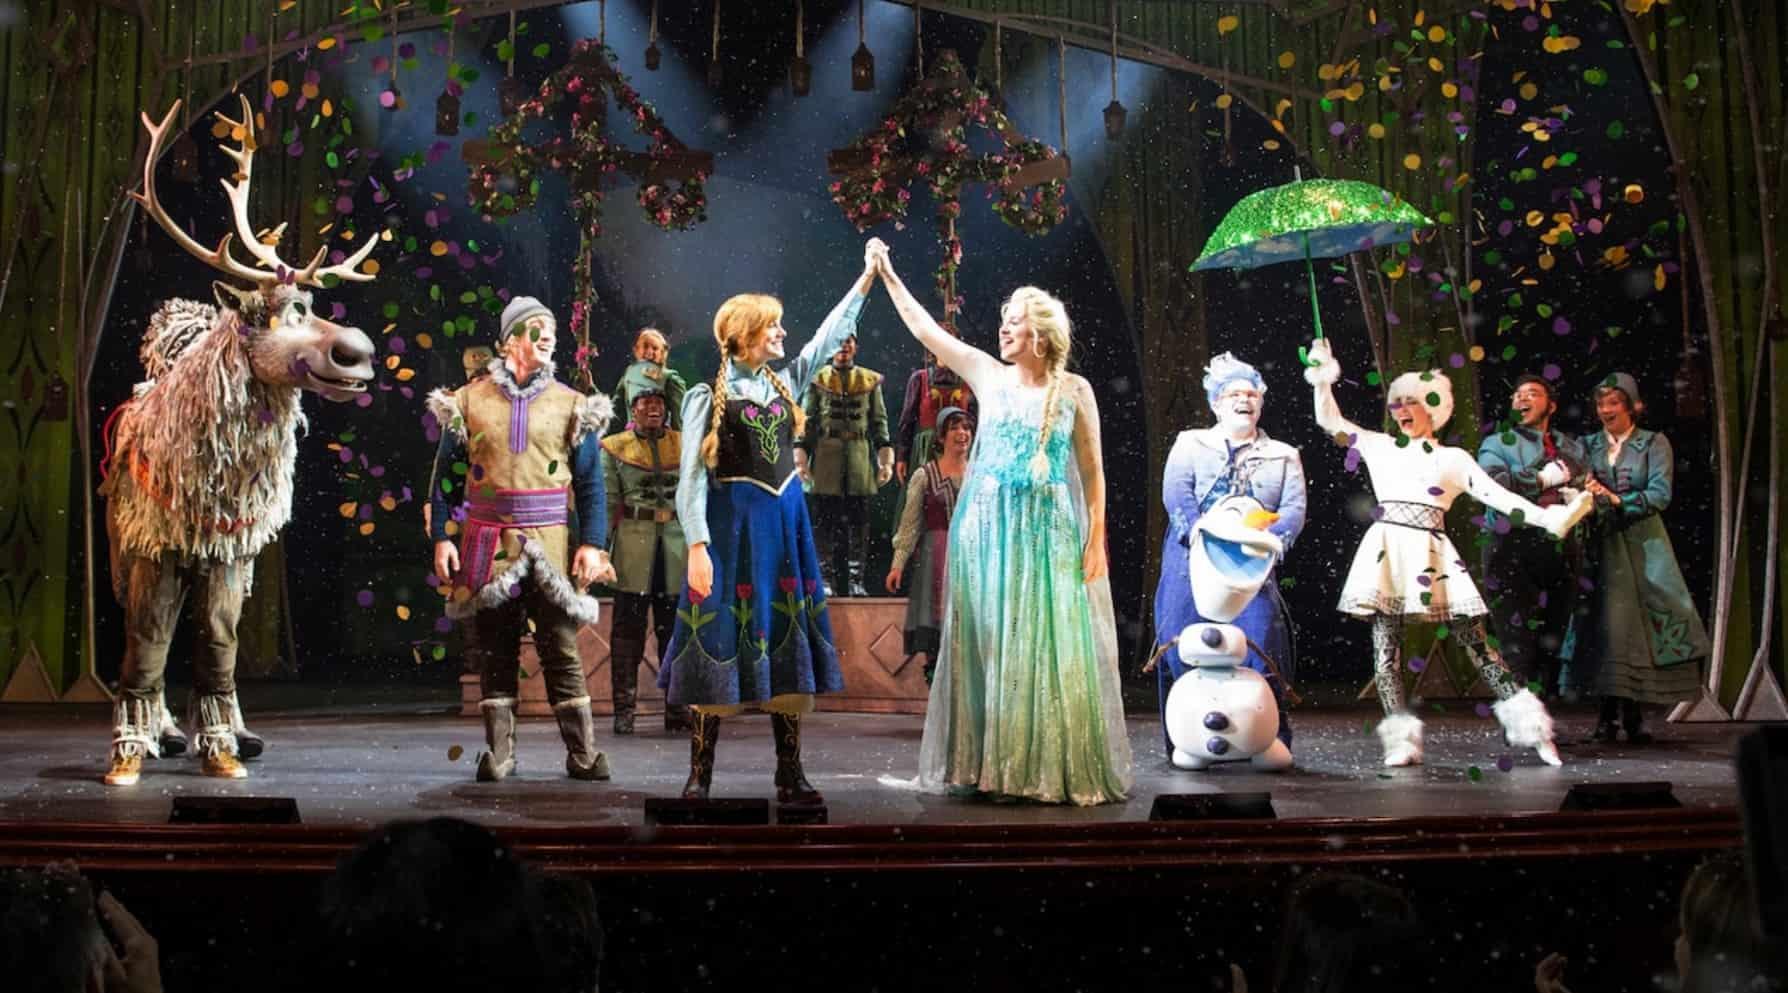 Frozen Musical on the Disney Wonder